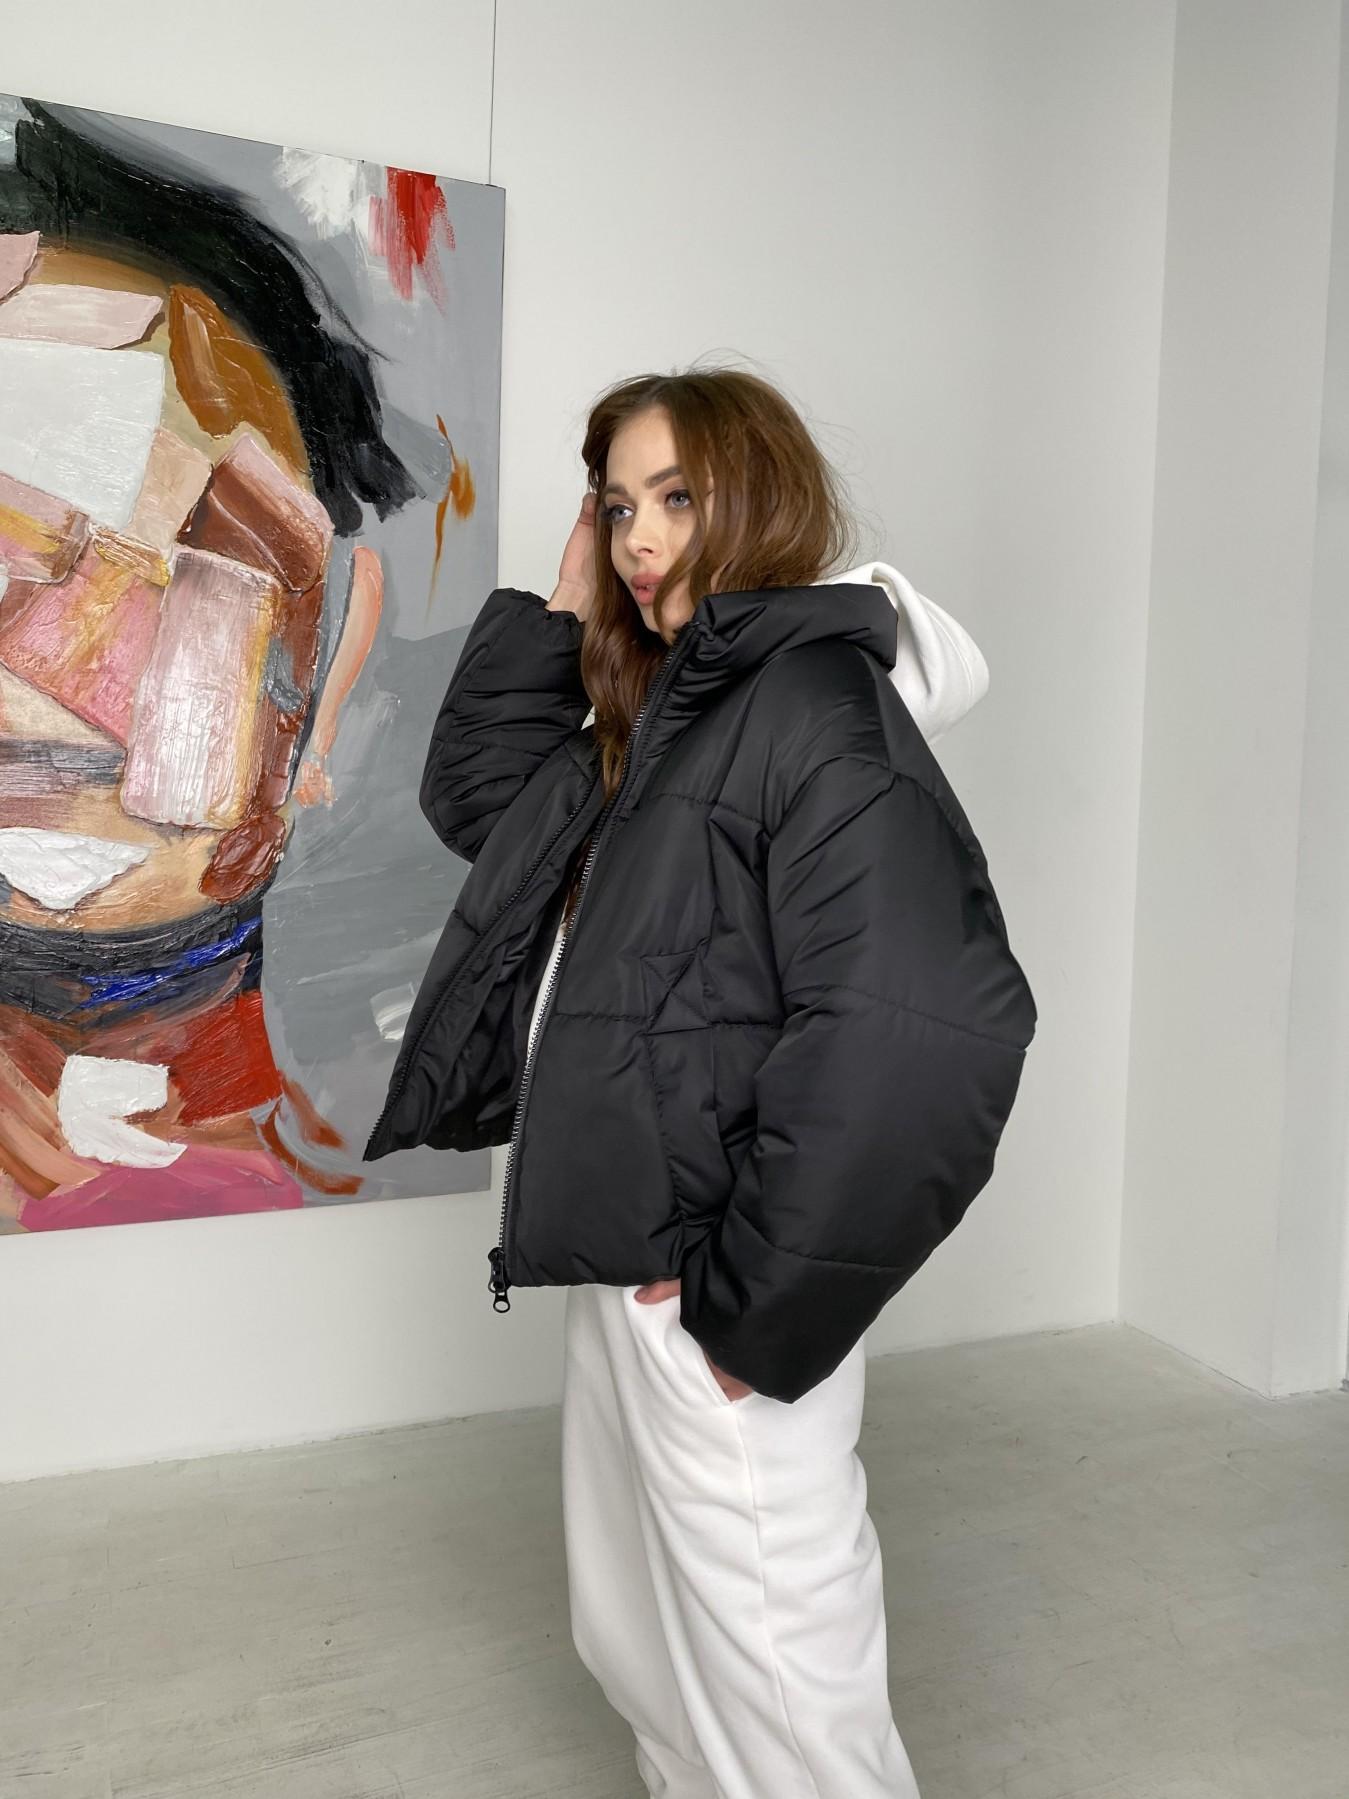 Драйв куртка из плащевой ткани 10448 АРТ. 46842 Цвет: Черный - фото 5, интернет магазин tm-modus.ru